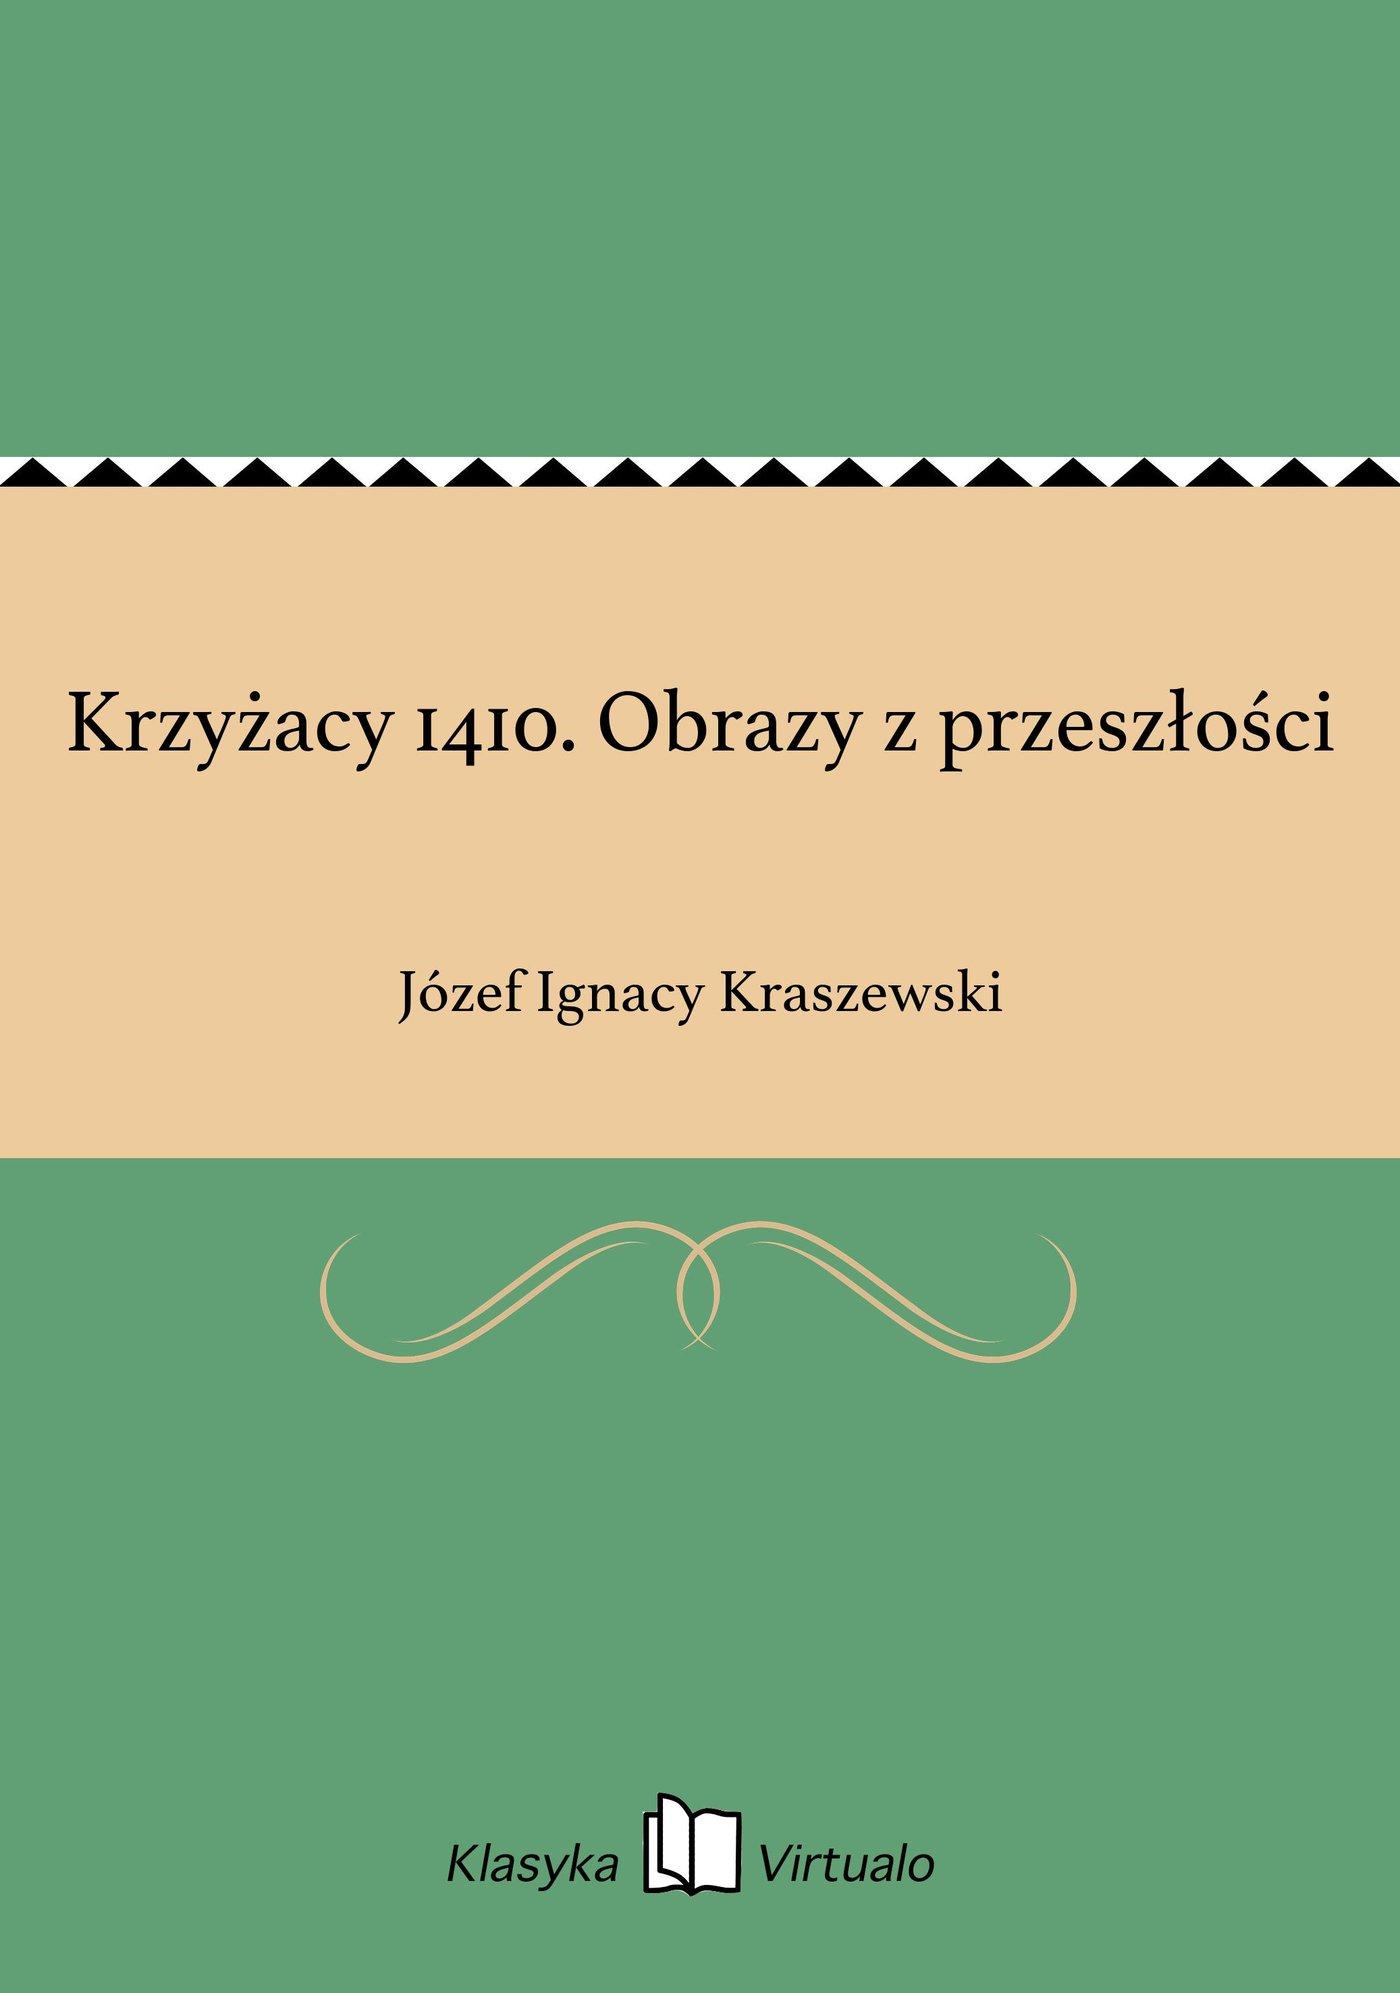 Krzyżacy 1410. Obrazy z przeszłości - Ebook (Książka EPUB) do pobrania w formacie EPUB